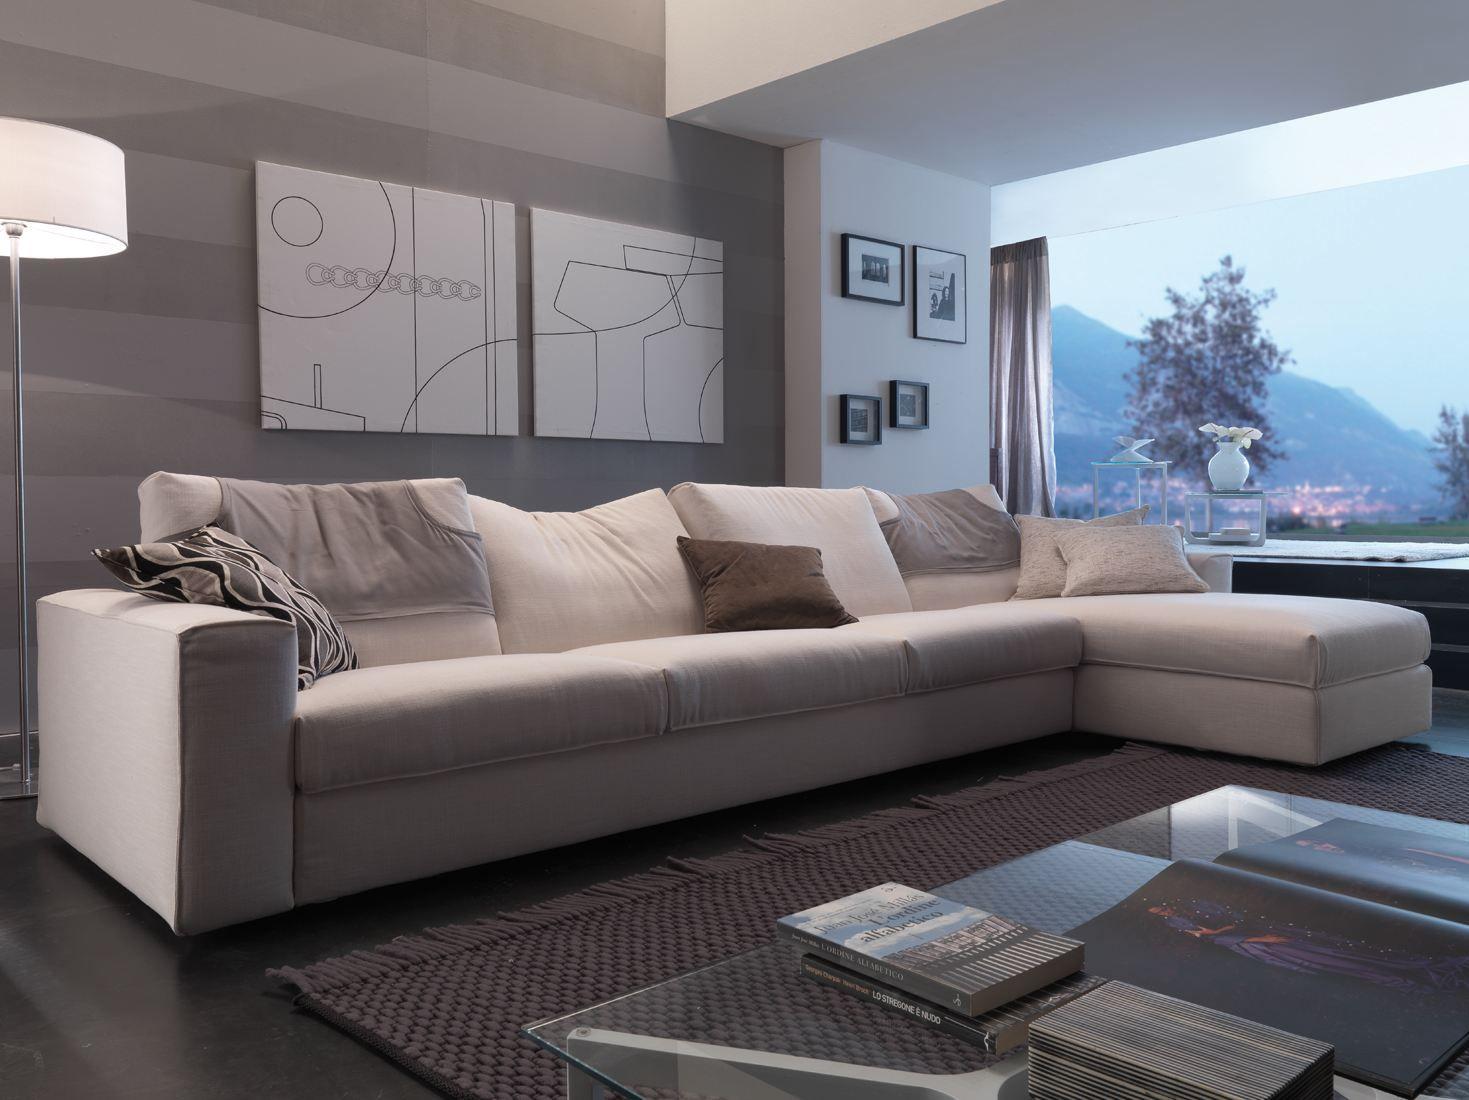 Das Richtige Sofa Fürs Wohnzimmer Auswählen U2013 Nützliche Kauftipps, Mobel  Ideea. Sofa Wohnzimmer | My Blog, Mobel Ideea. Sofas | Produkte Bodema | ...